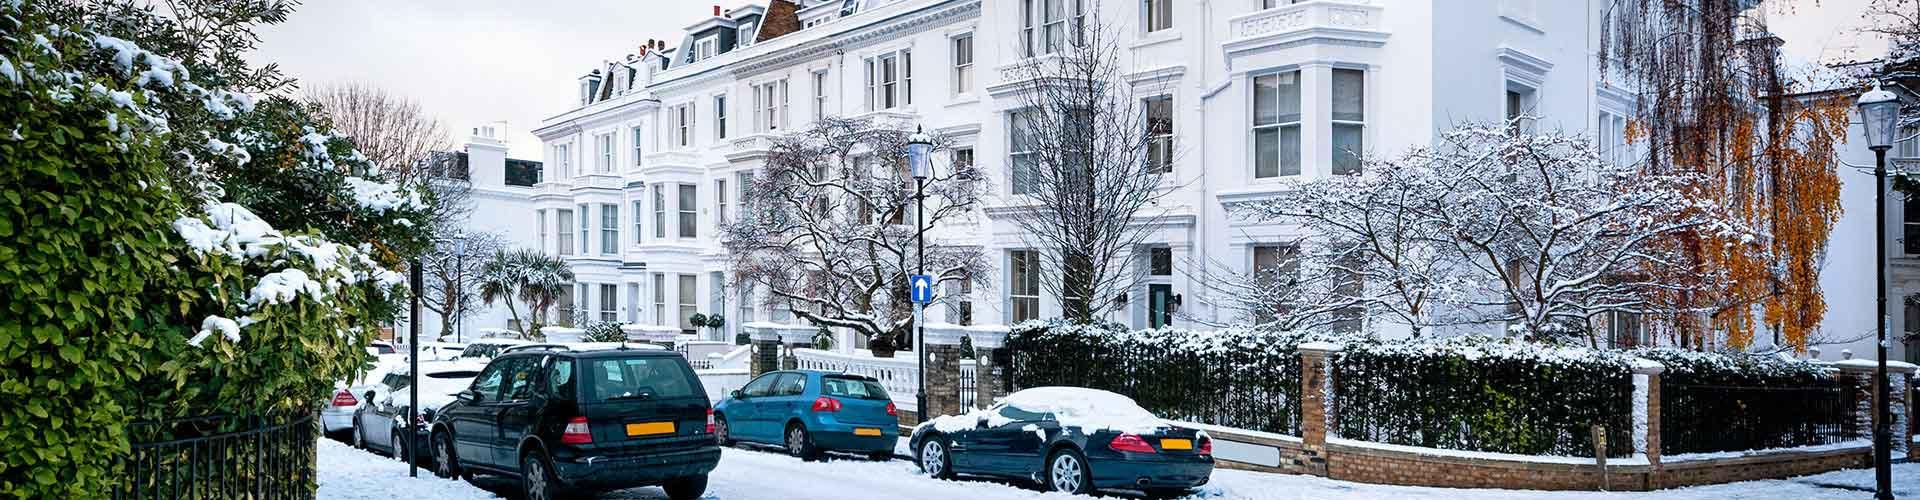 London – Hostels im Stadtteil Borough of Kensington und Chelsea. London auf der Karte. Fotos und Bewertungen für jedes Hostel in London.